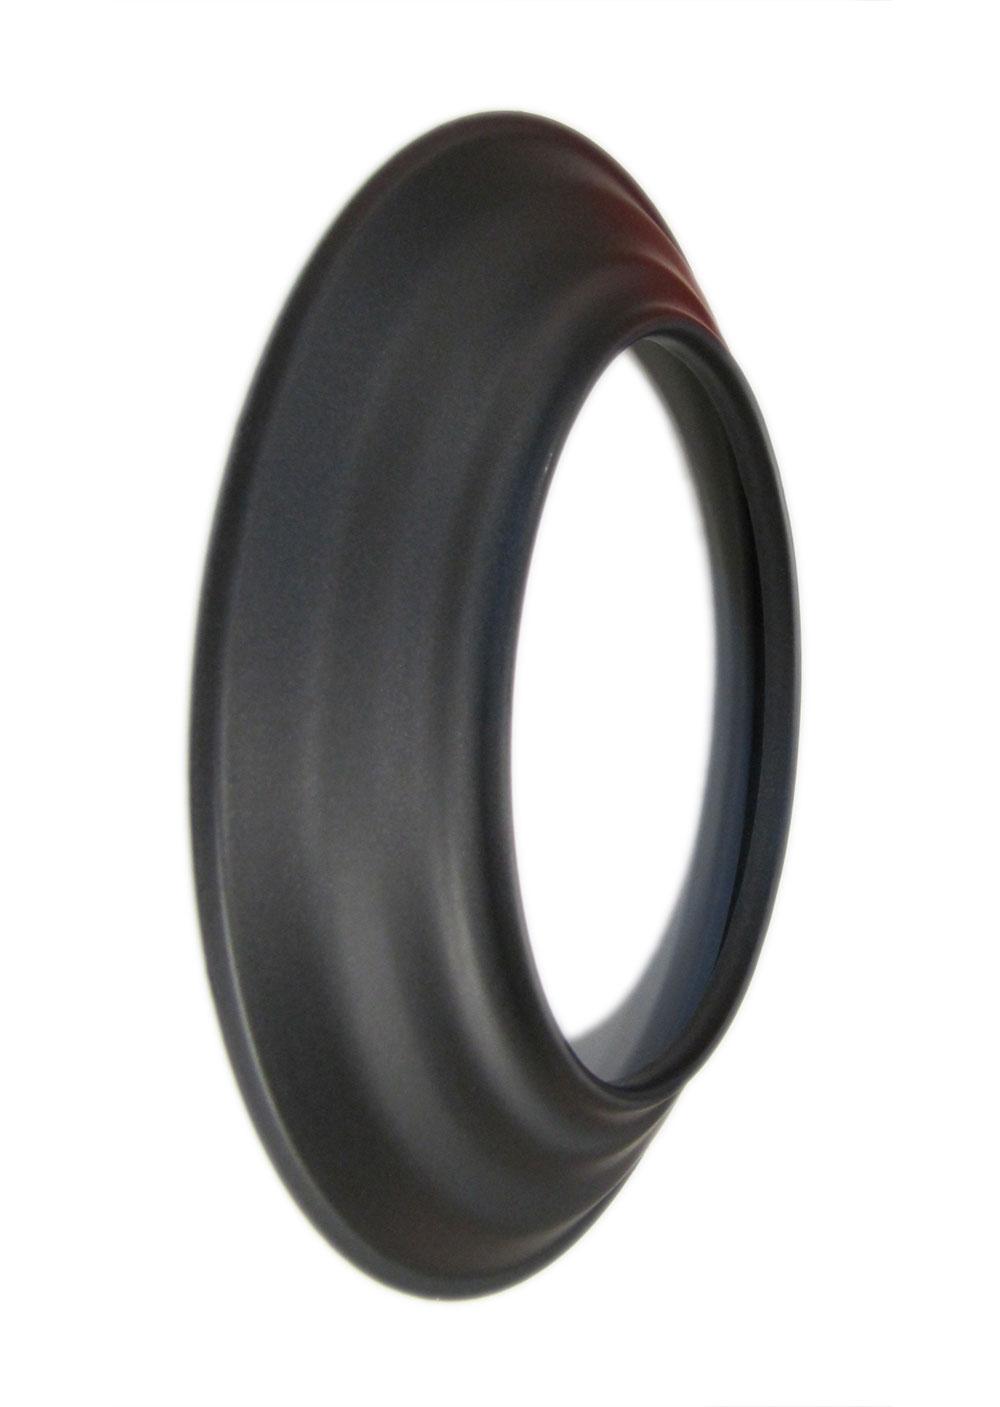 Rauchrohr-Rosette schwarz Ø 120 mm Bild 2